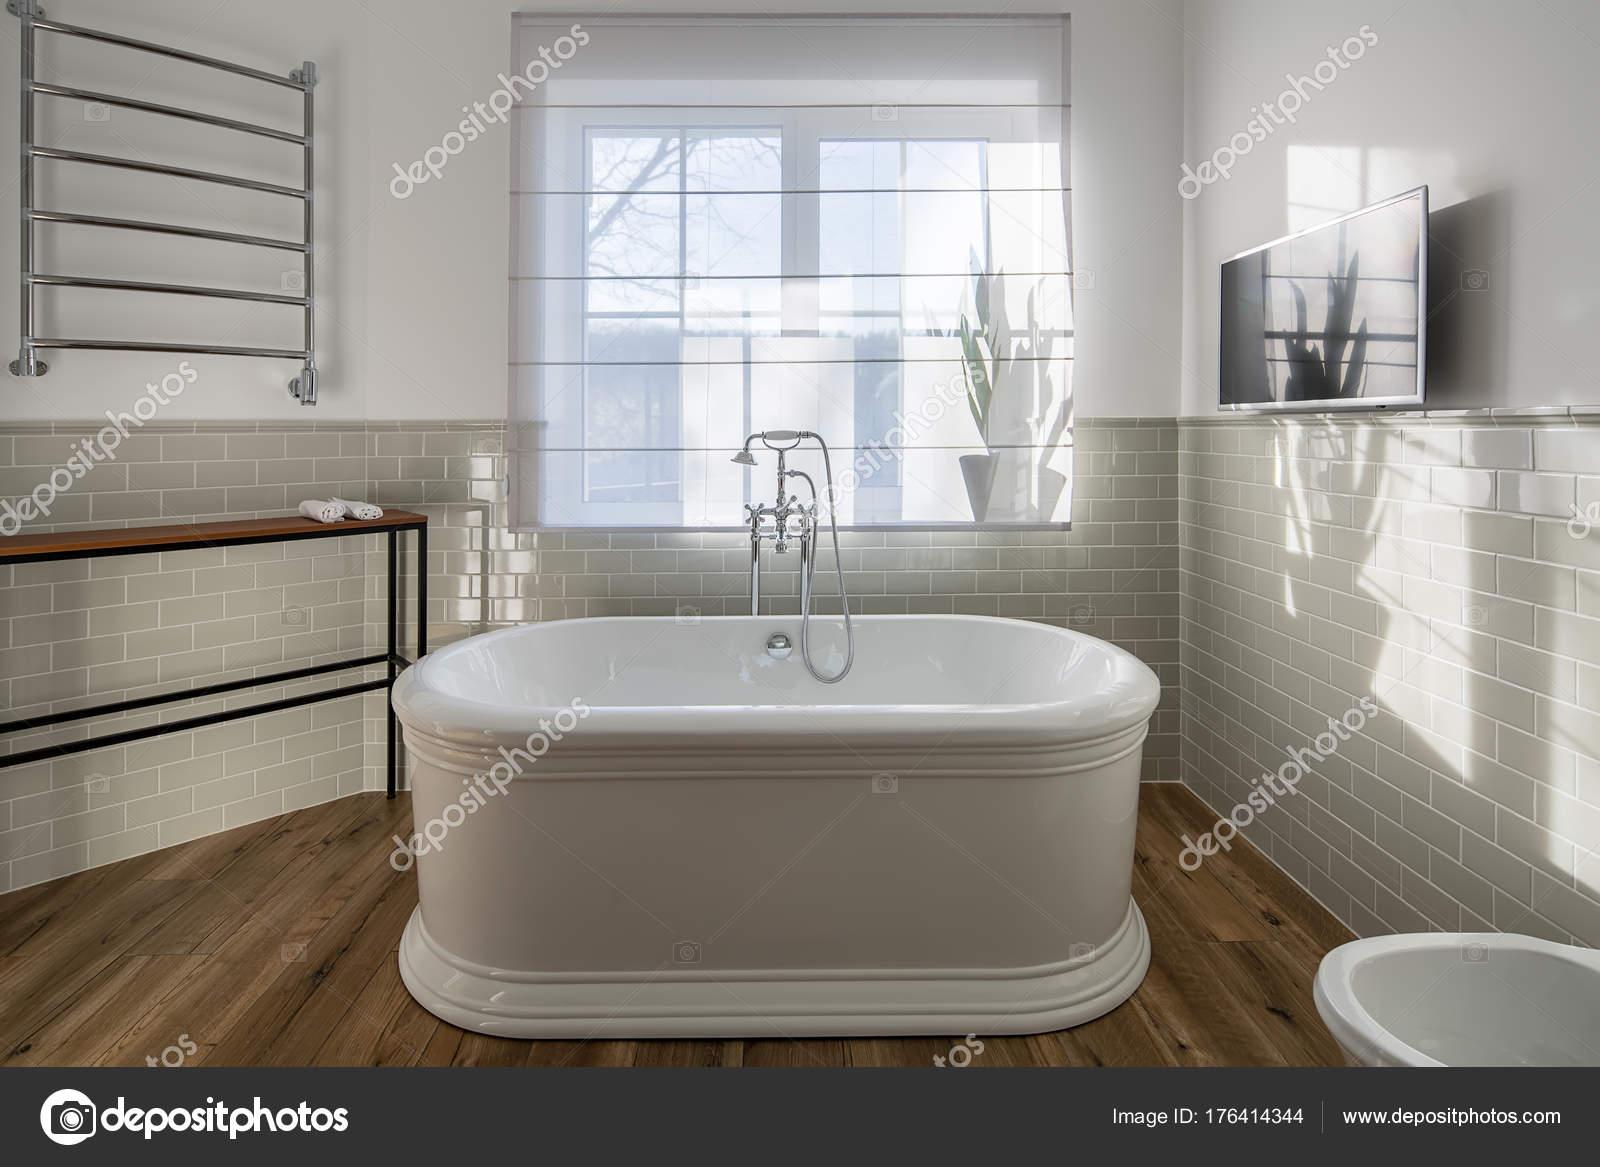 cuarto de baño de estilo moderno — Foto de stock © bezikus #176414344